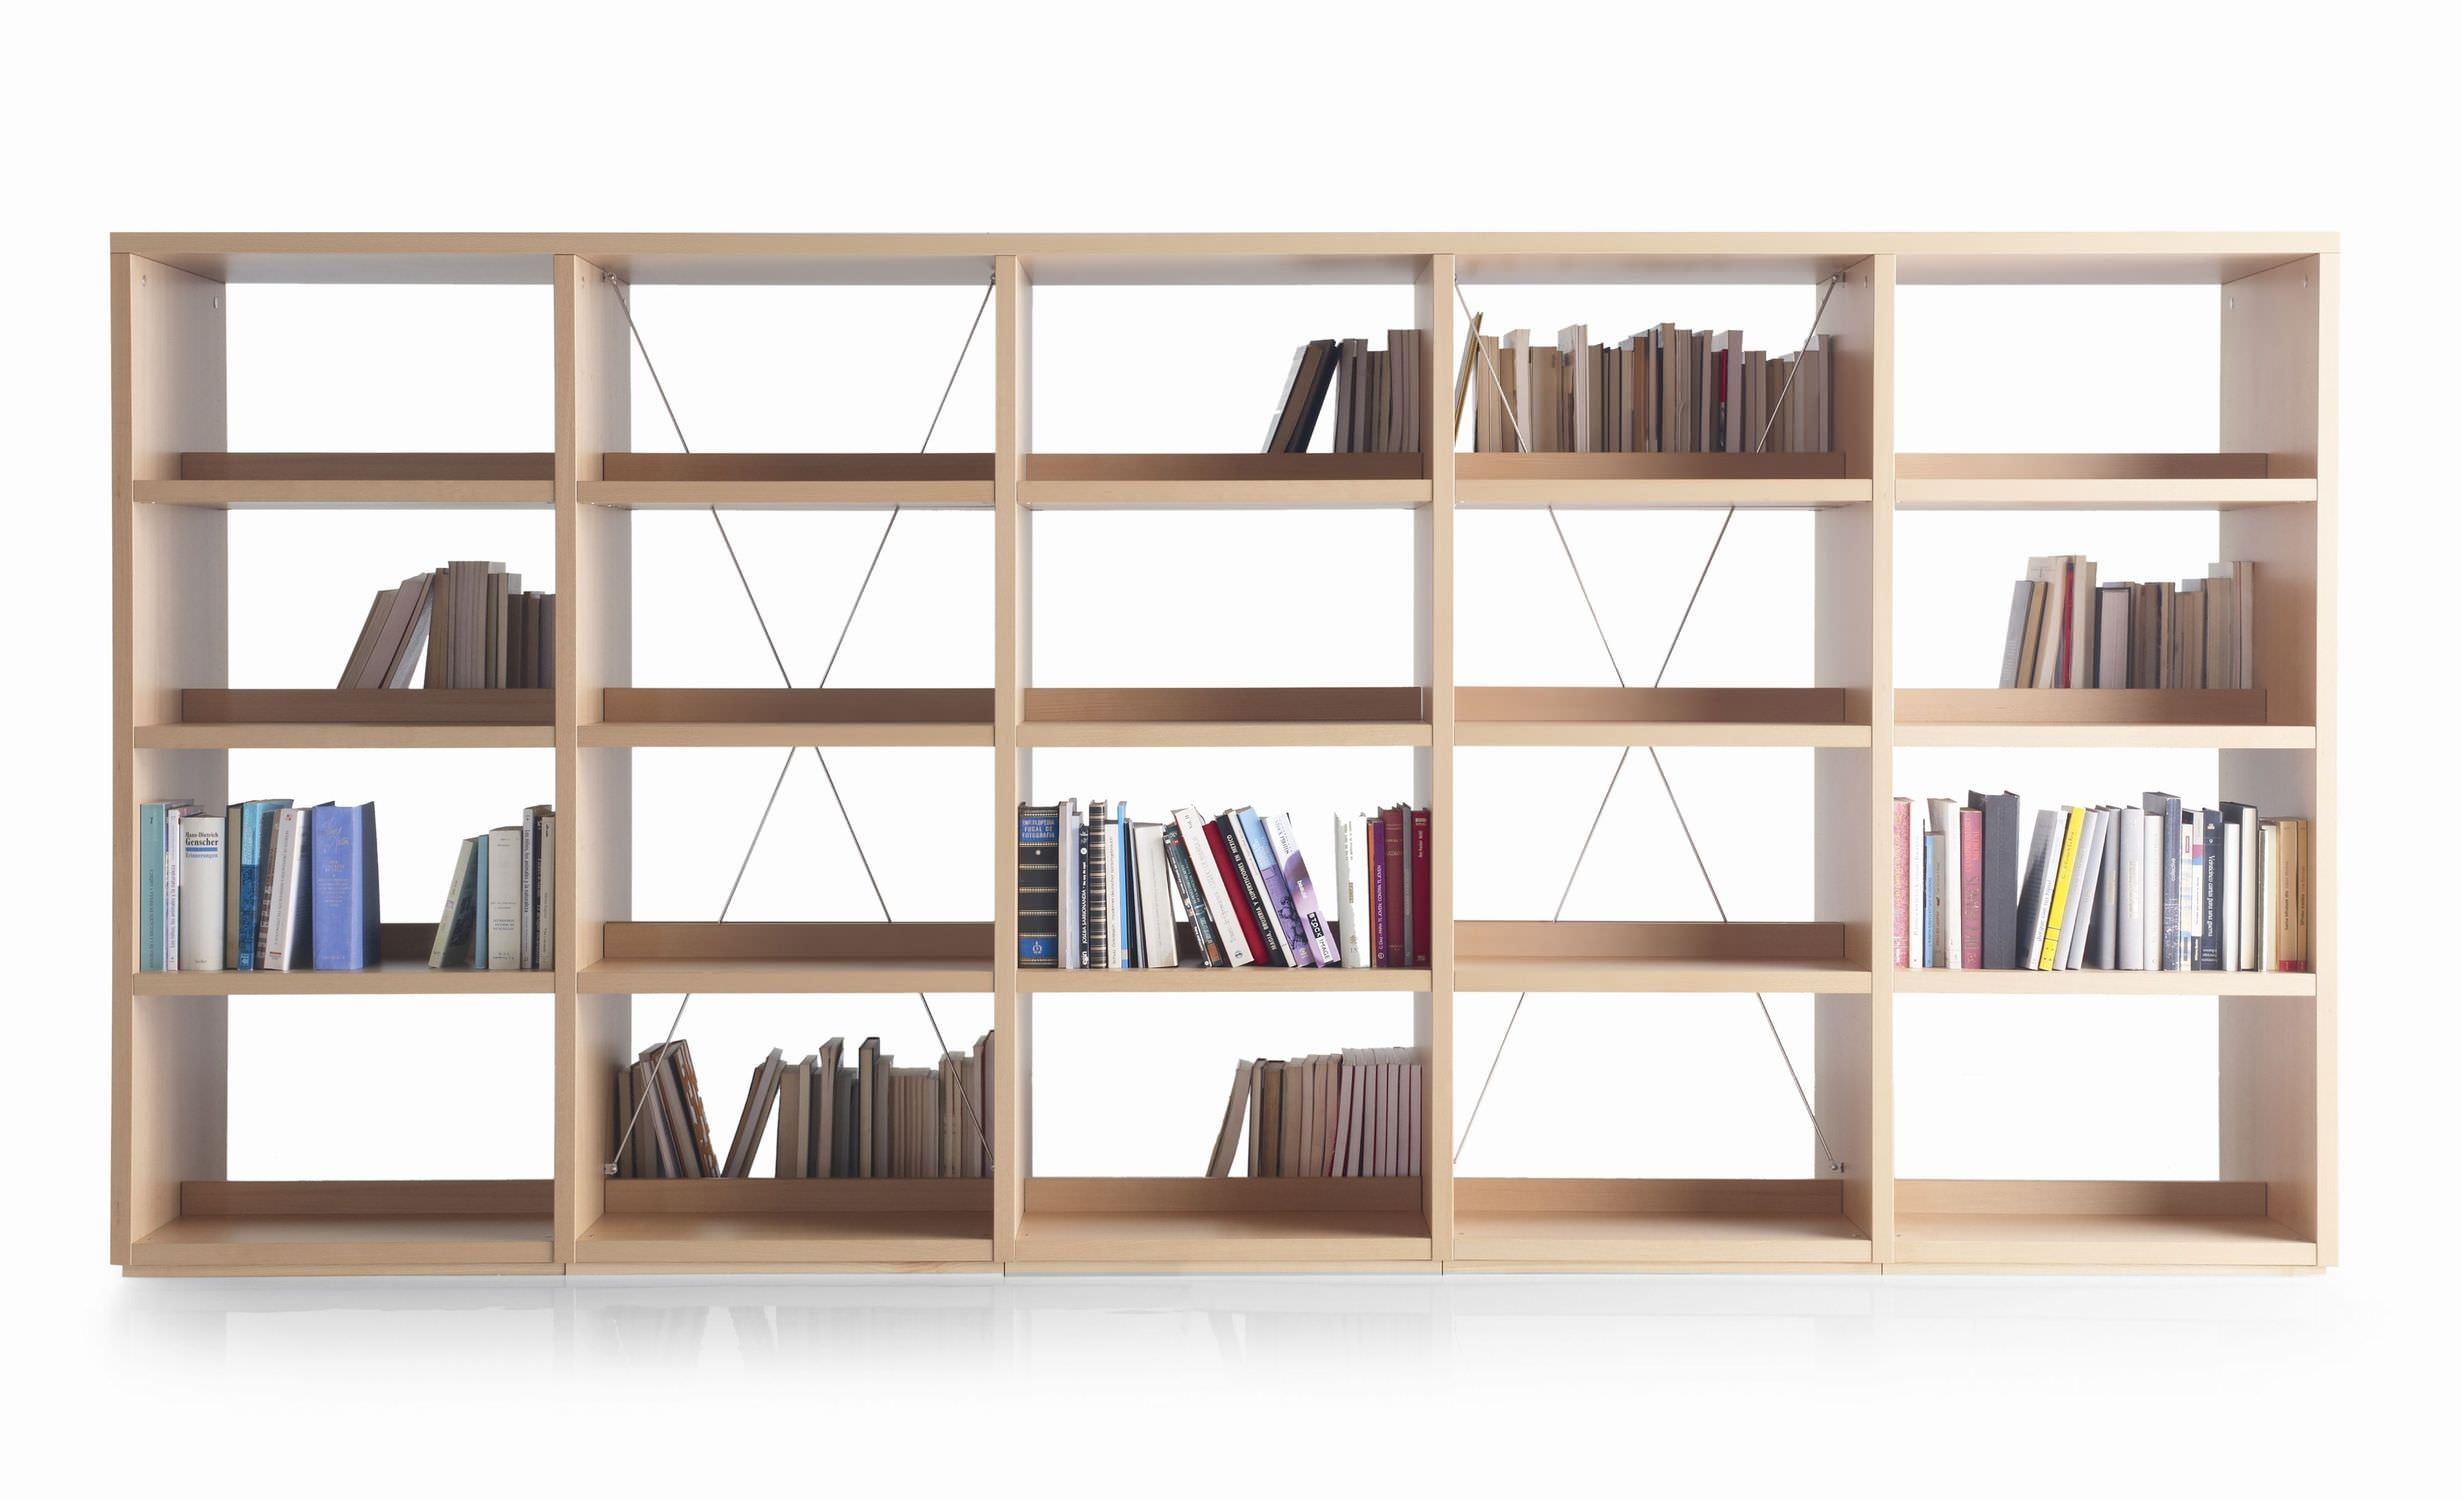 Bibliotecas modernas biblioteca biblioteca simple for Bibliotecas muebles